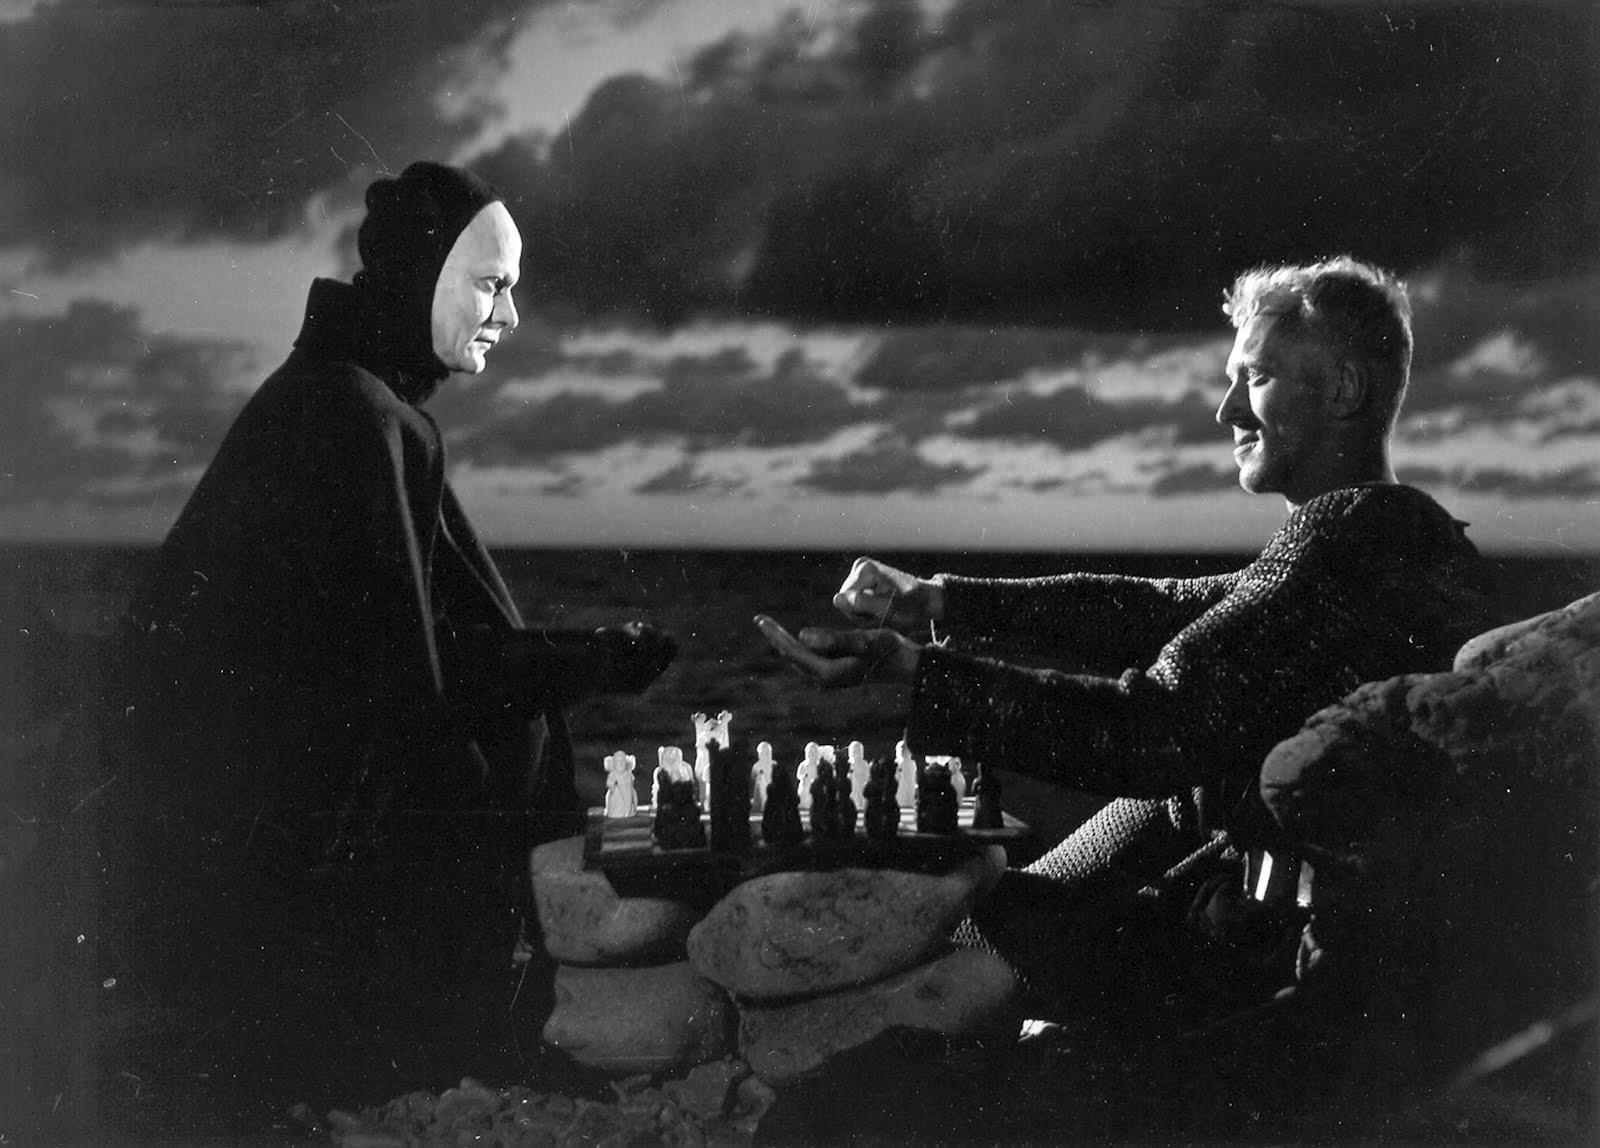 a muerte jugando al ajedrez con el caballero, fotograma de la película de 1957 El Séptimo Sello, de Ingmar Bergman. A la derecha, Max von Sidow como el caballero